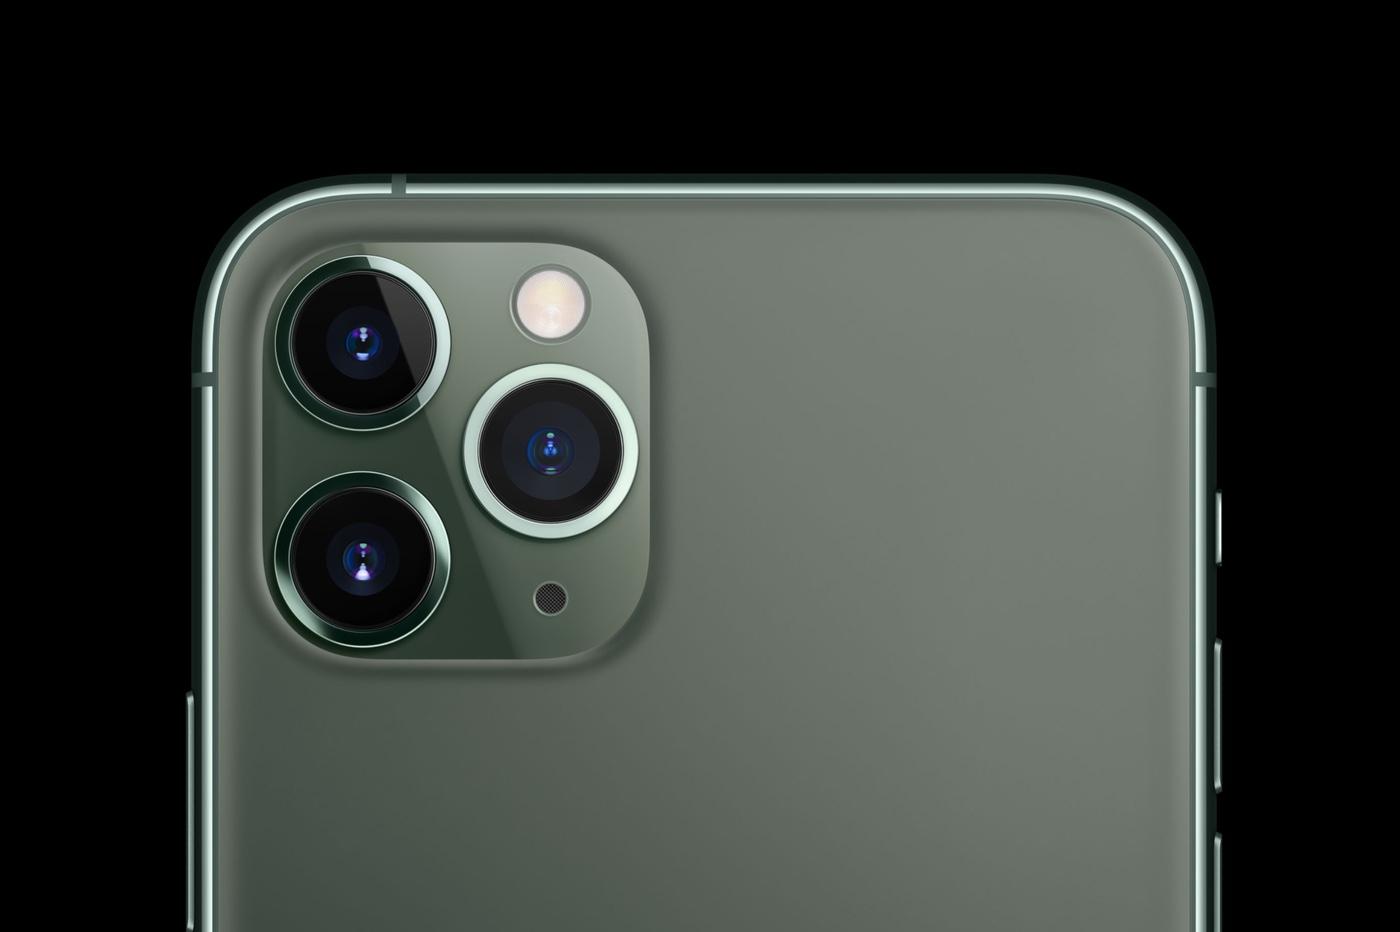 iPhone 11 : le mode Deep Fusion débarque dans la prochaine bêta d'iOS (fonctionnement et limitations) 1